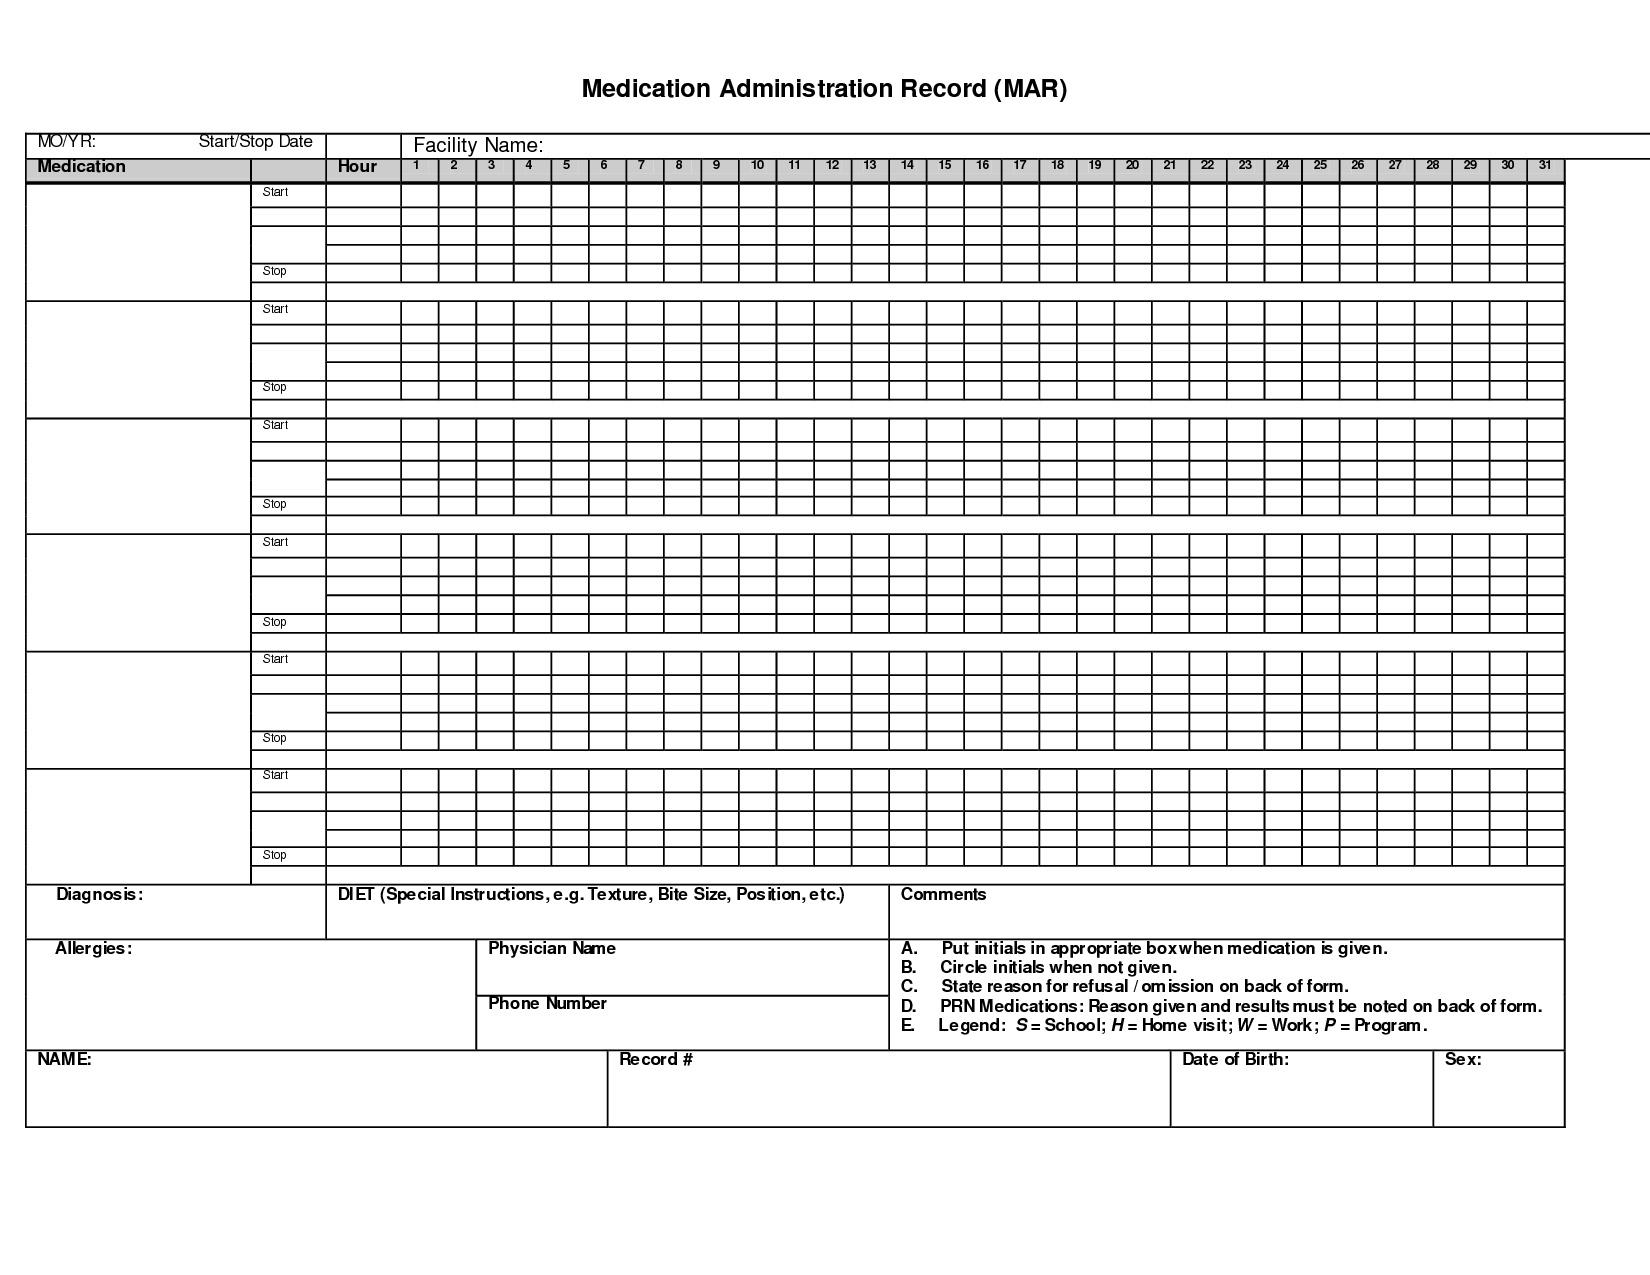 Medication Spreadsheet Organizer Throughout Medication Spreadsheet New Administration Record Printable